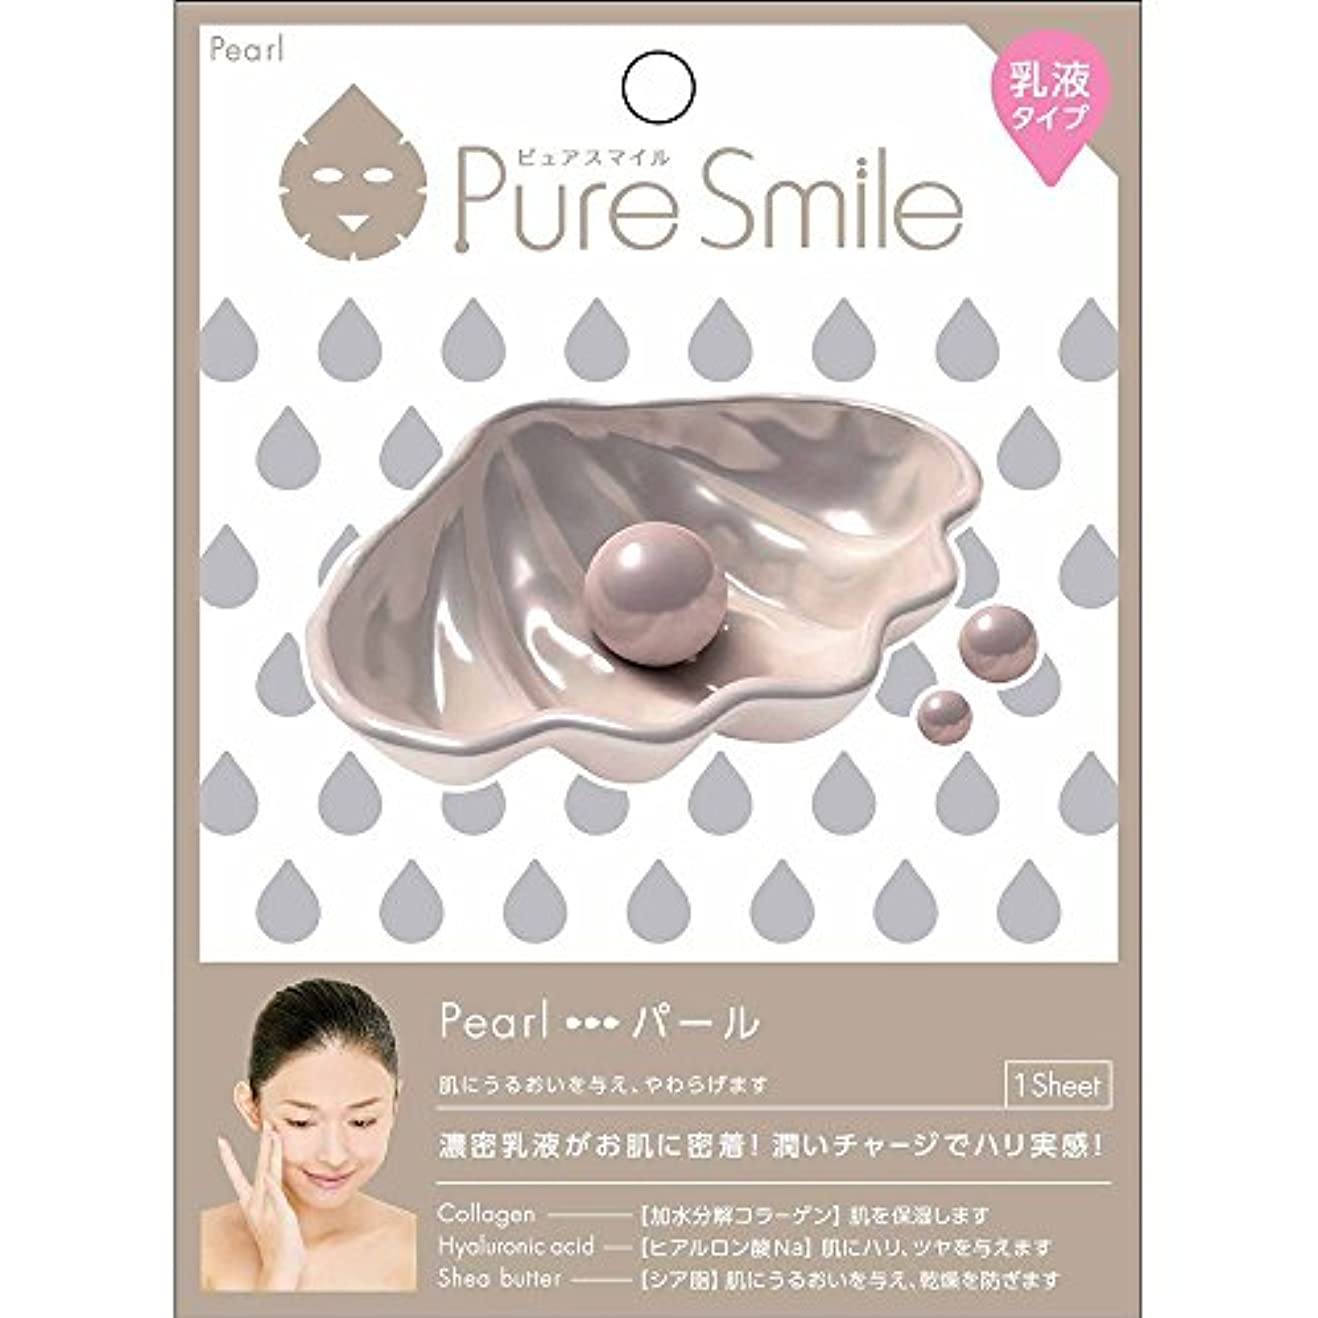 どれでも不愉快に付けるPure Smile(ピュアスマイル) 乳液エッセンスマスク 1 枚 パール